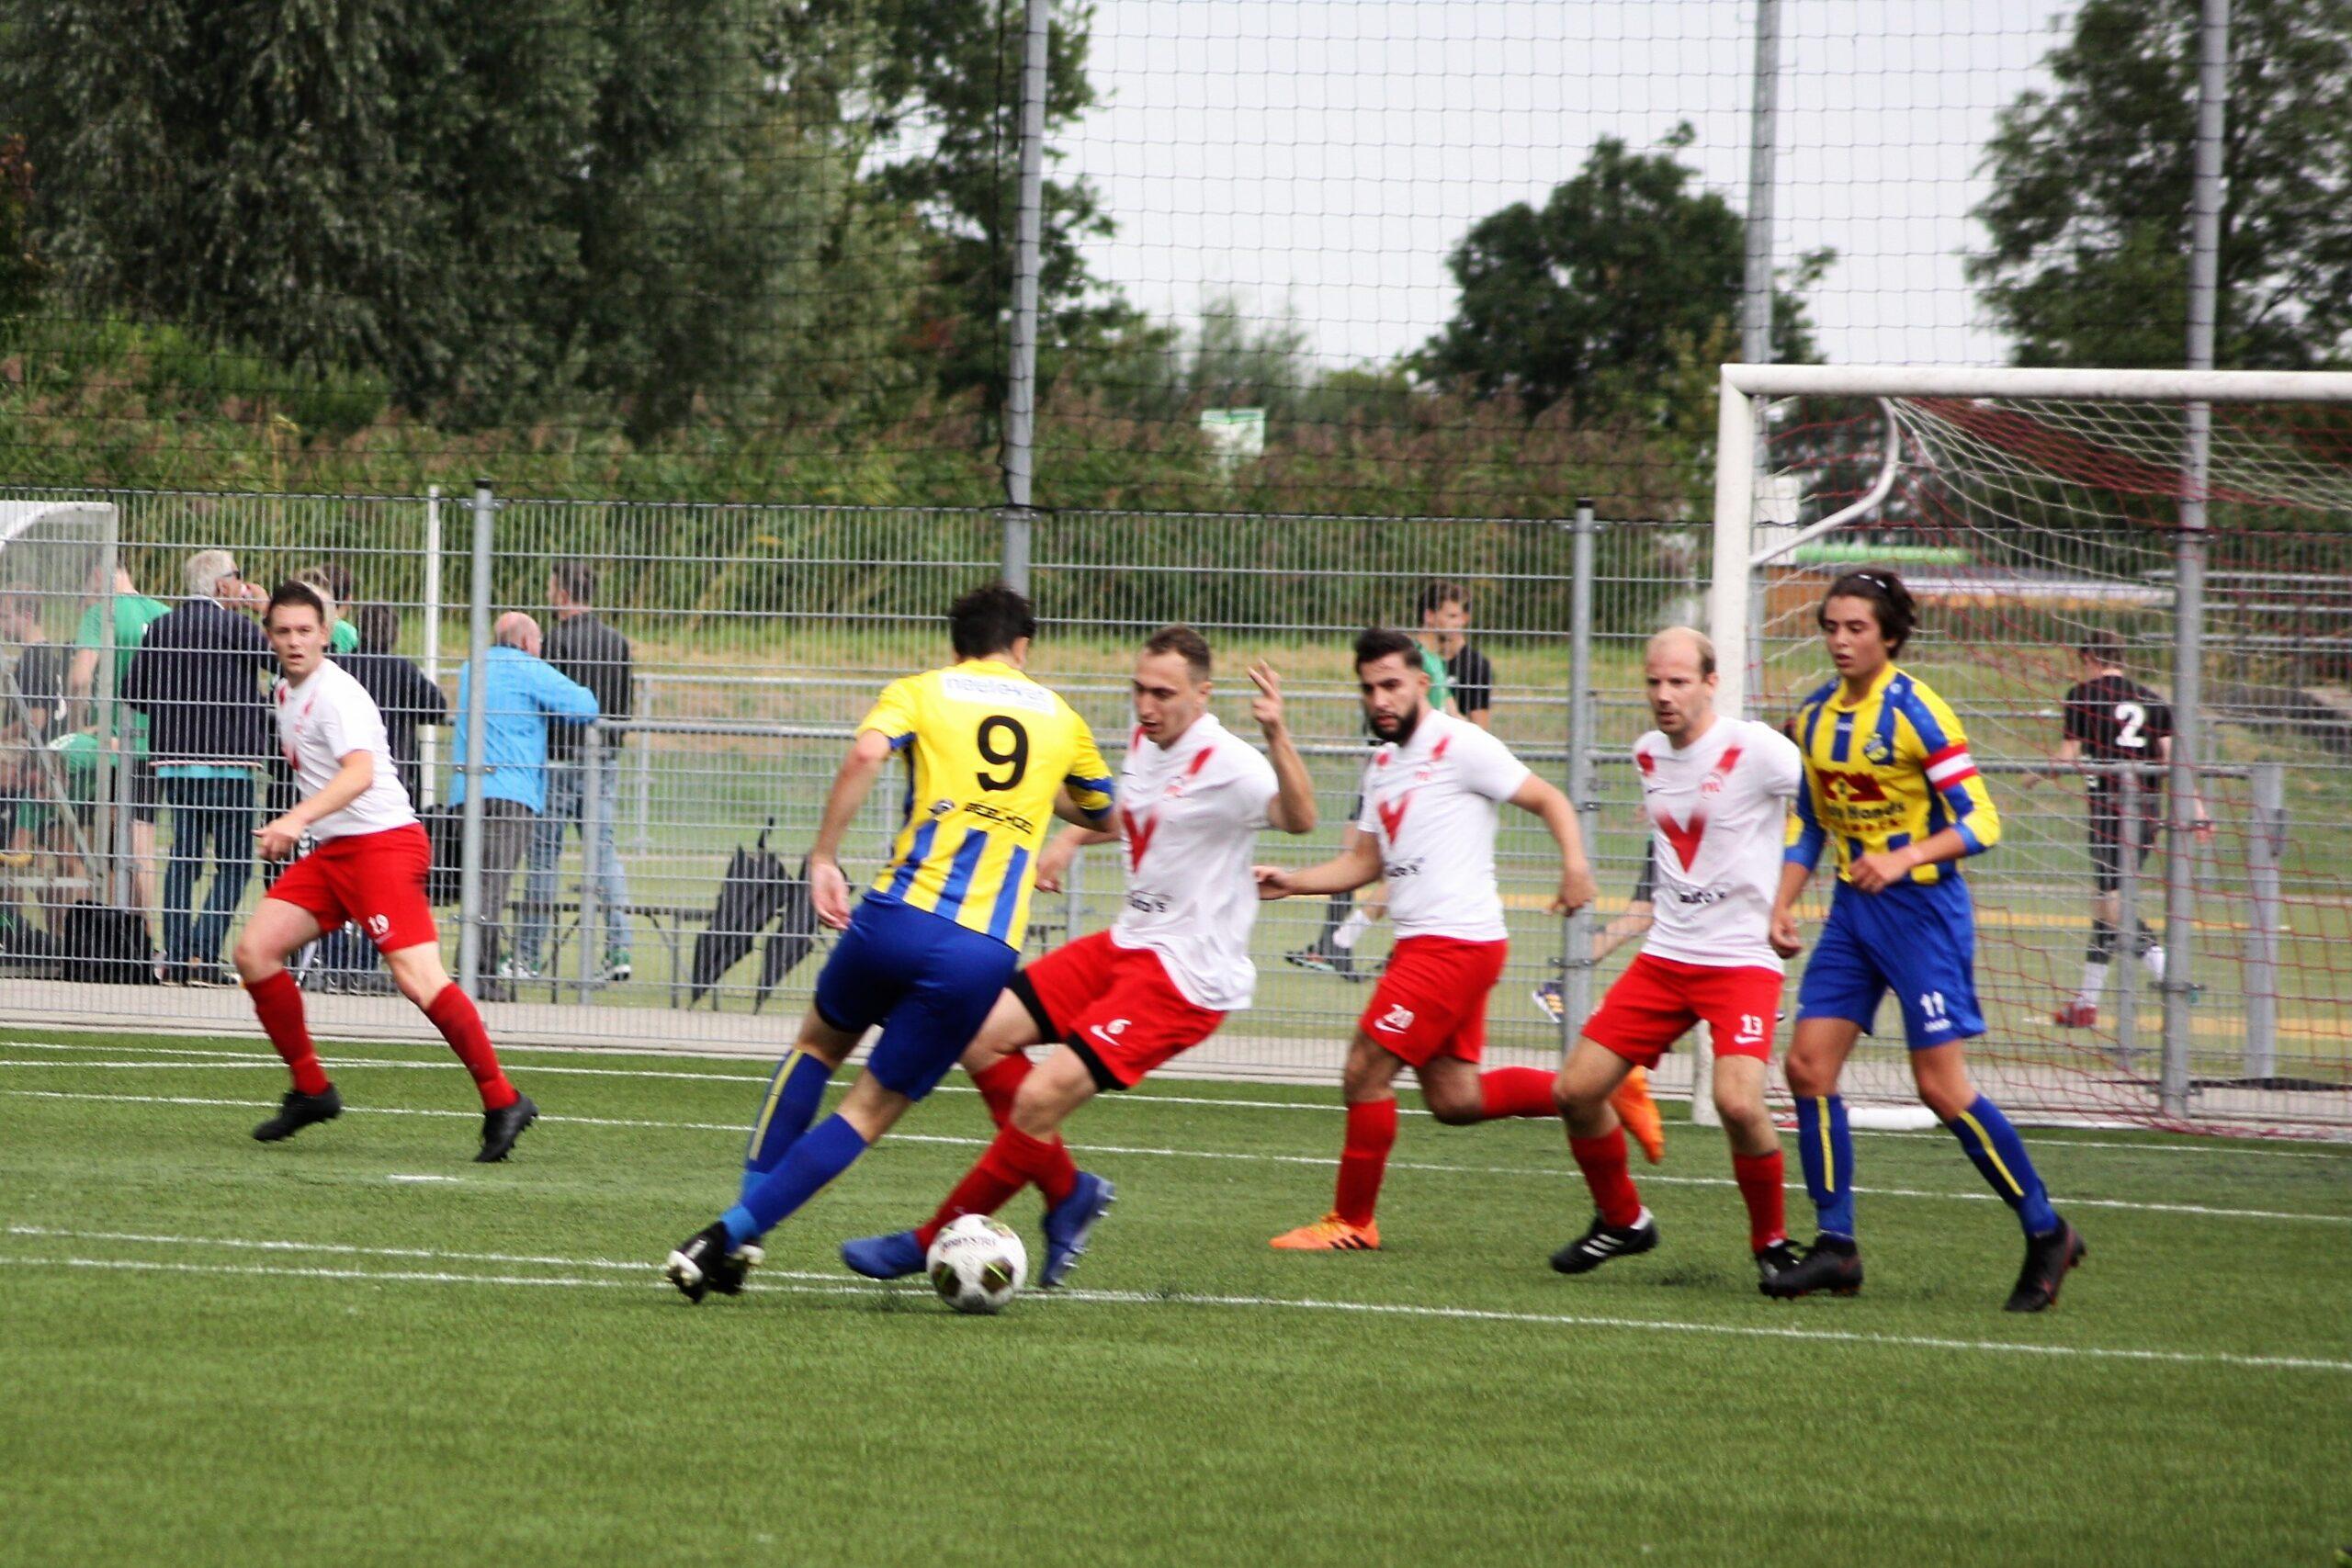 VV Linschoten - Flakkee